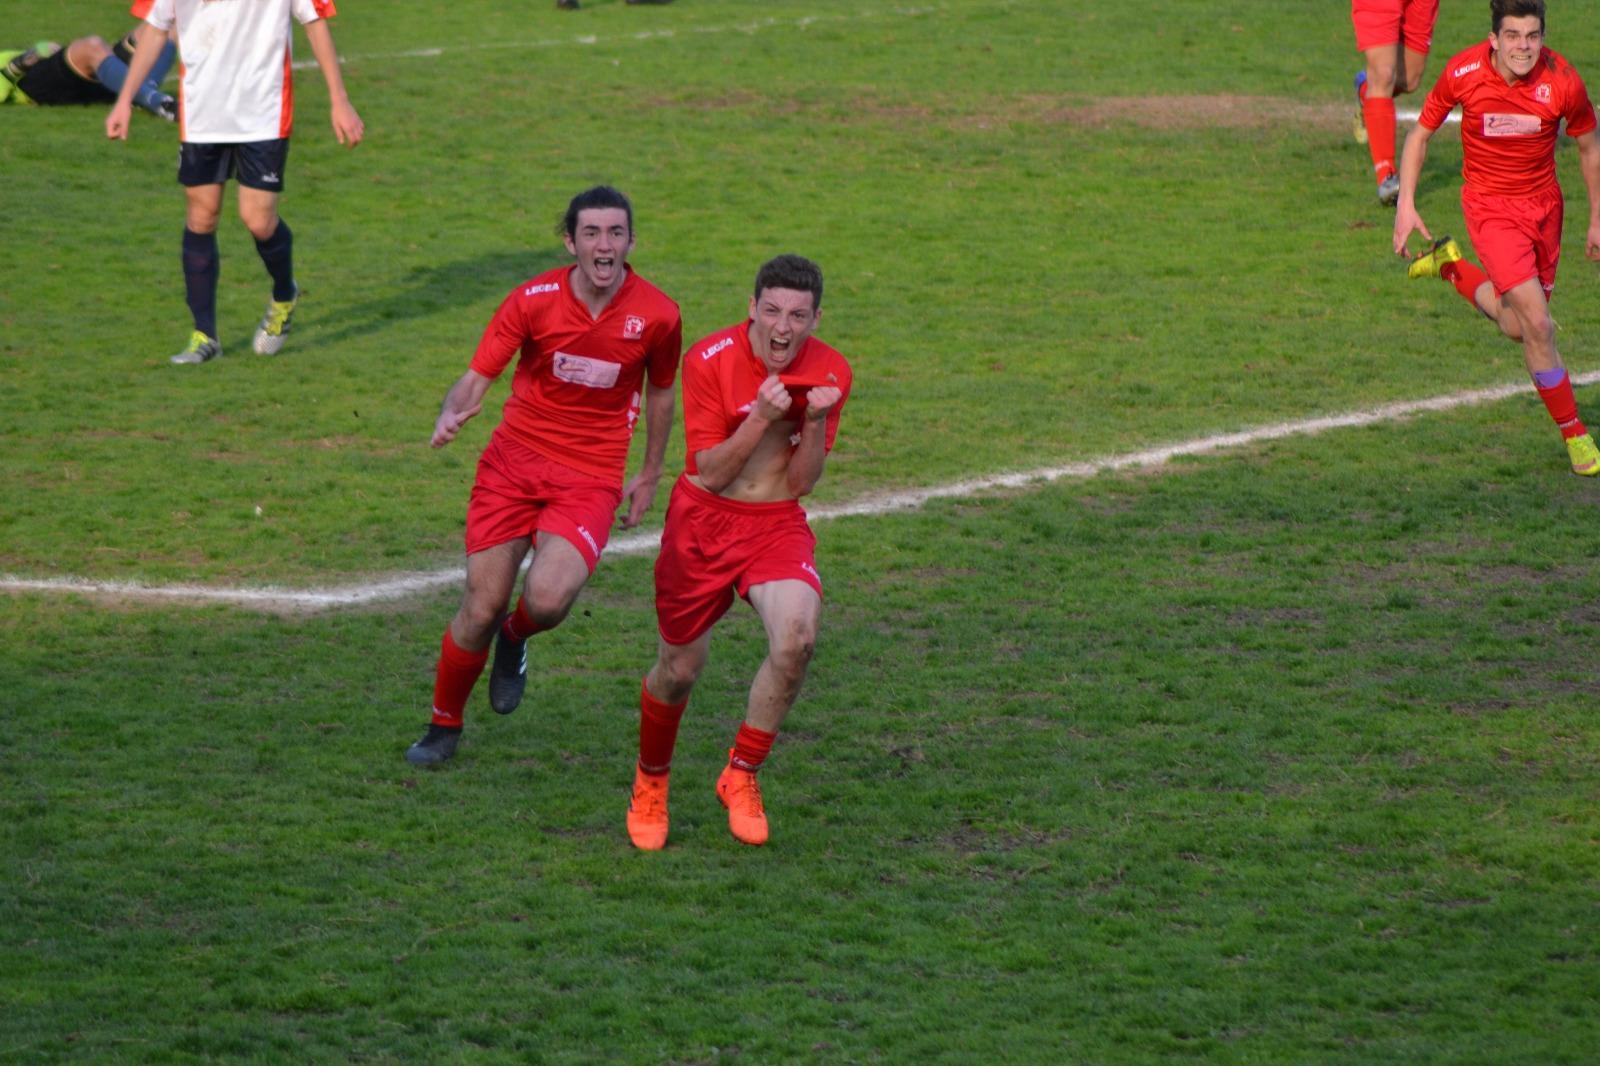 Juniores Reg. B: Cantù Sanpaolo vs Biassono 3 – 2